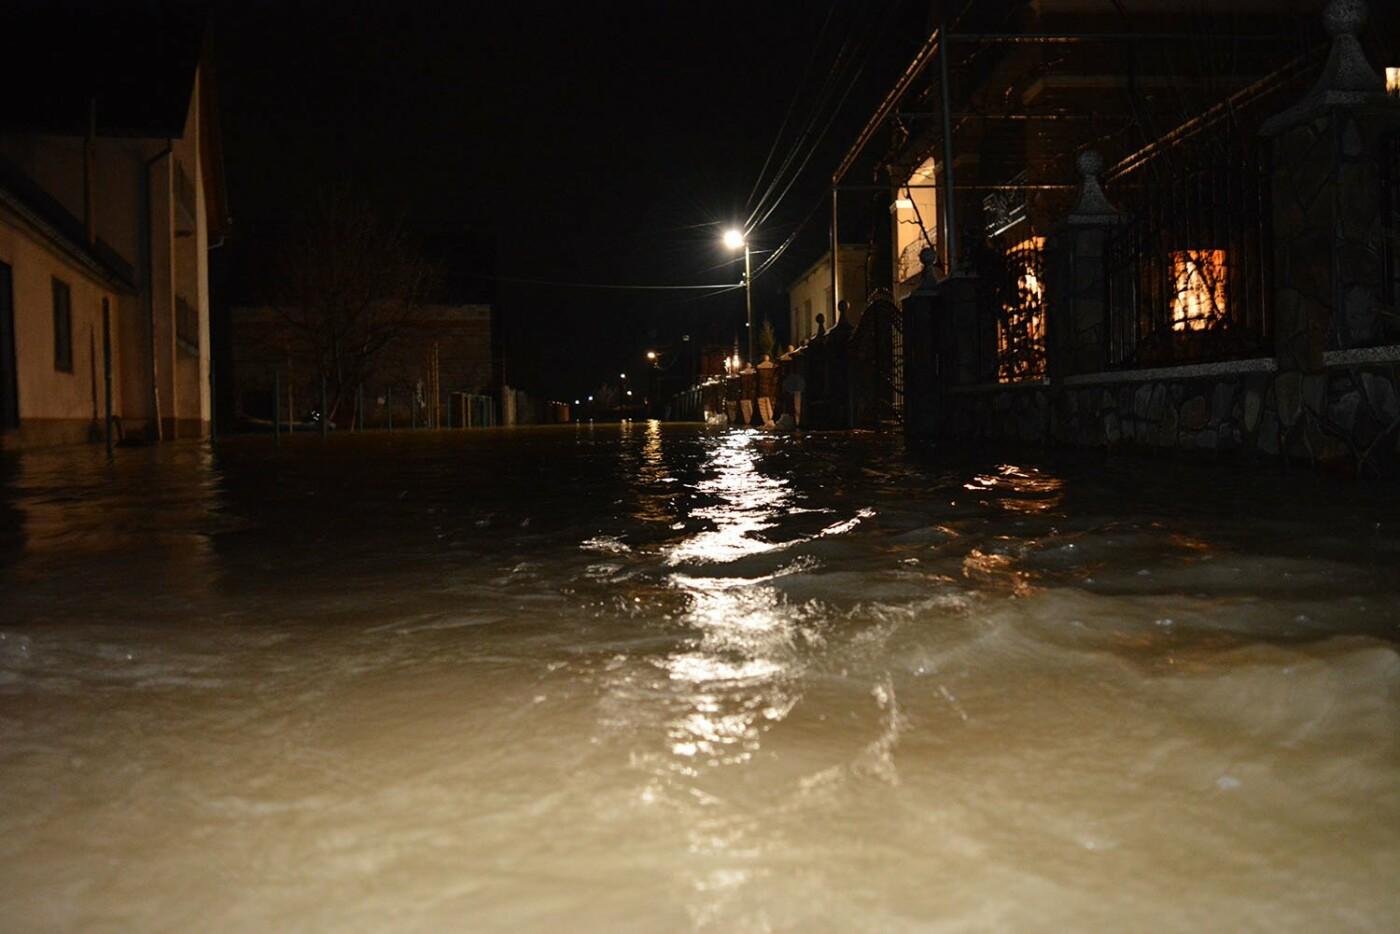 Ситуація стабілізувалася: на Закарпатті човнами евакуювали людей, постраждалих від паводку (ФОТО, ВІДЕО), фото-8